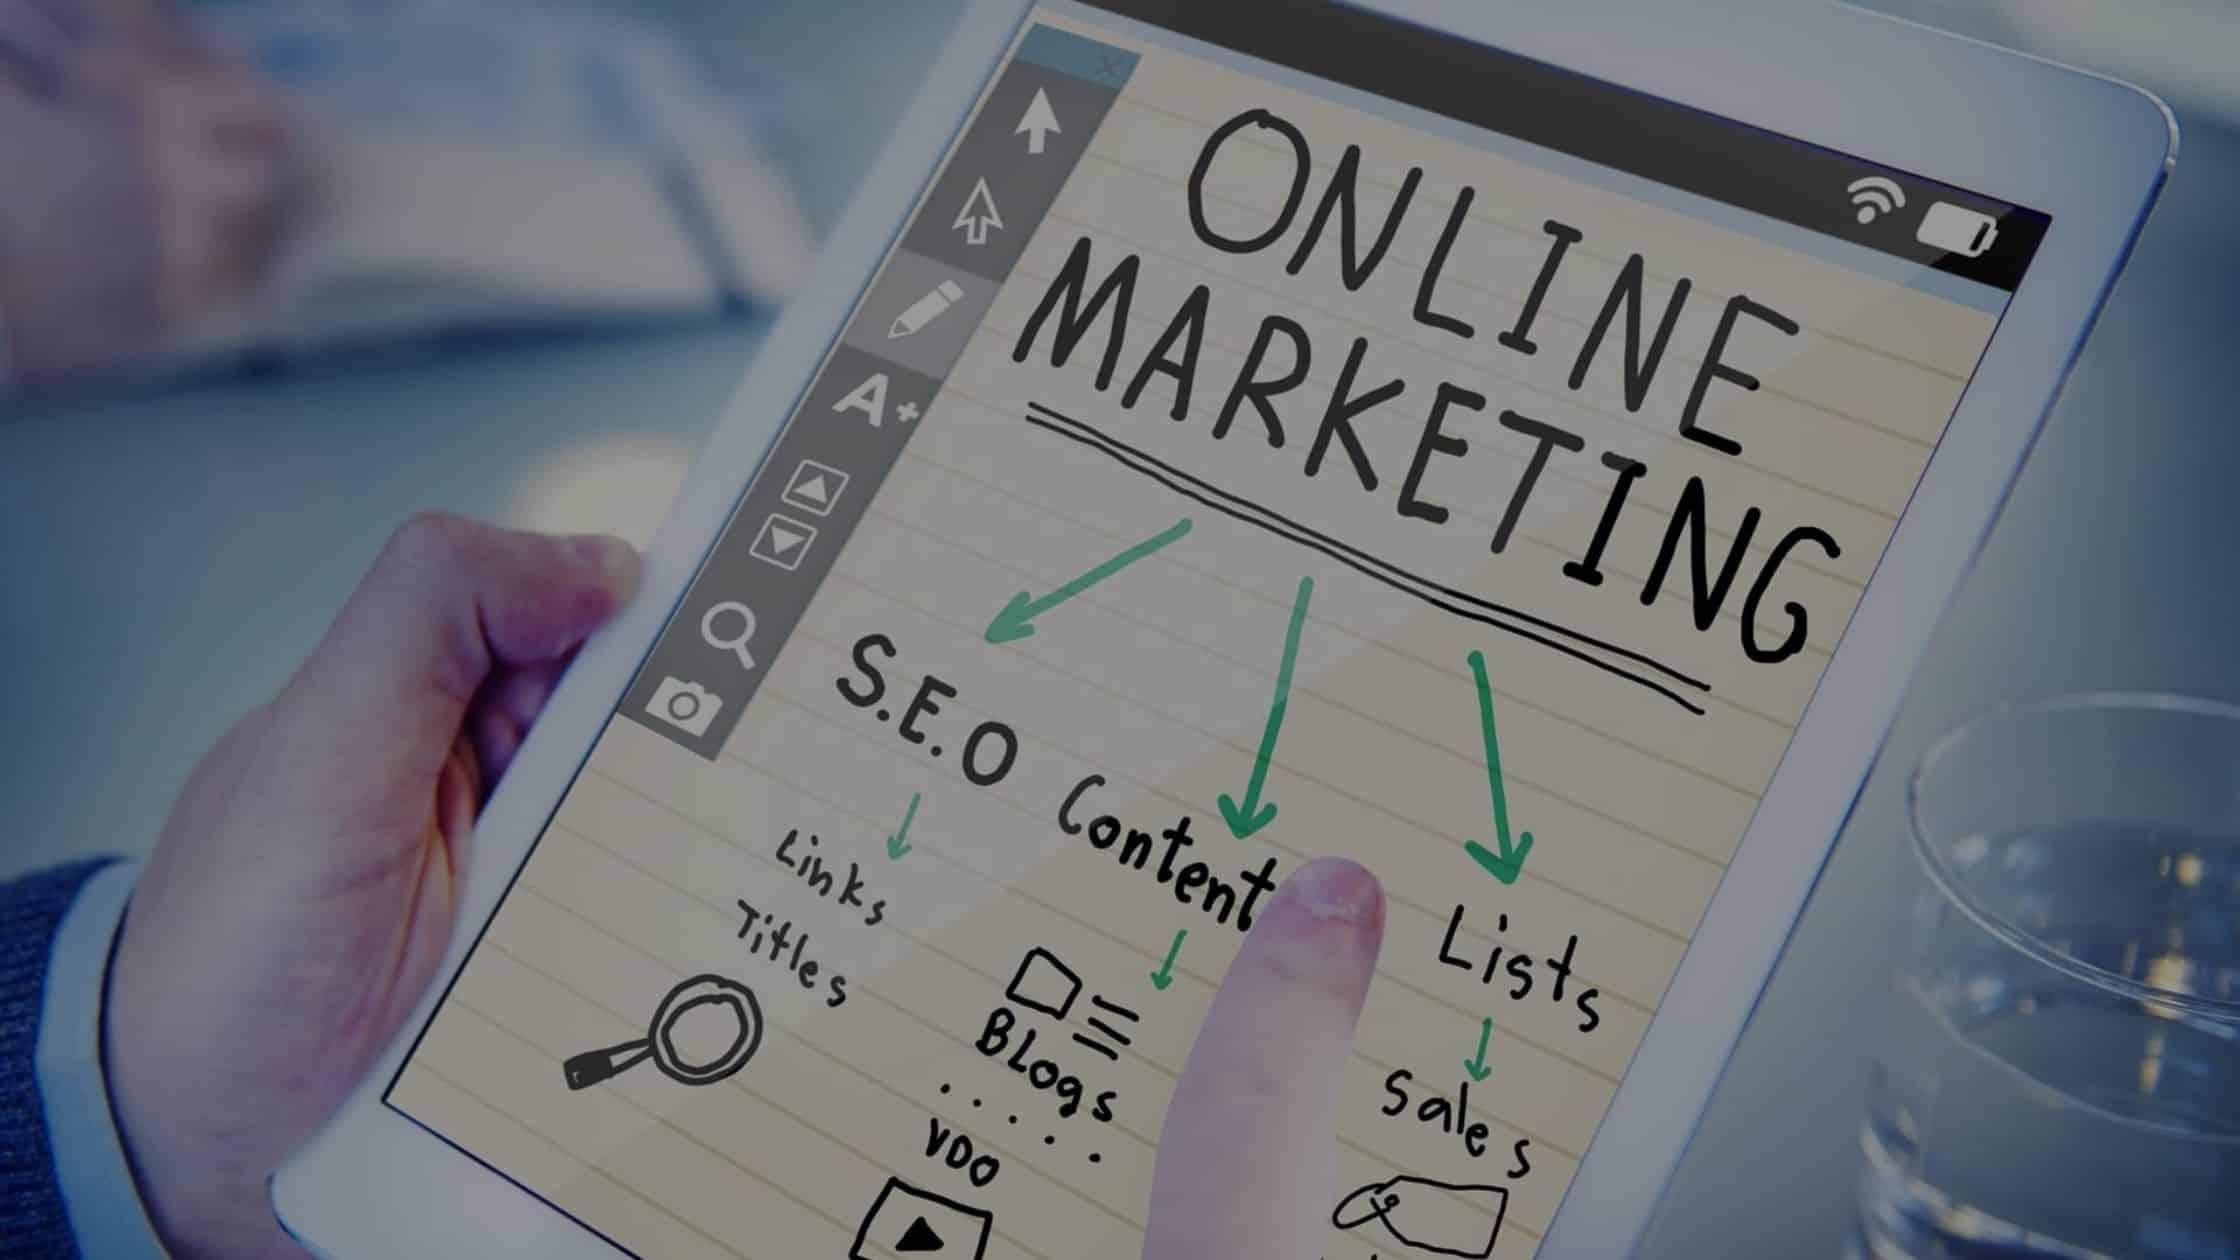 business-loan-leads-generation-digital-marketing